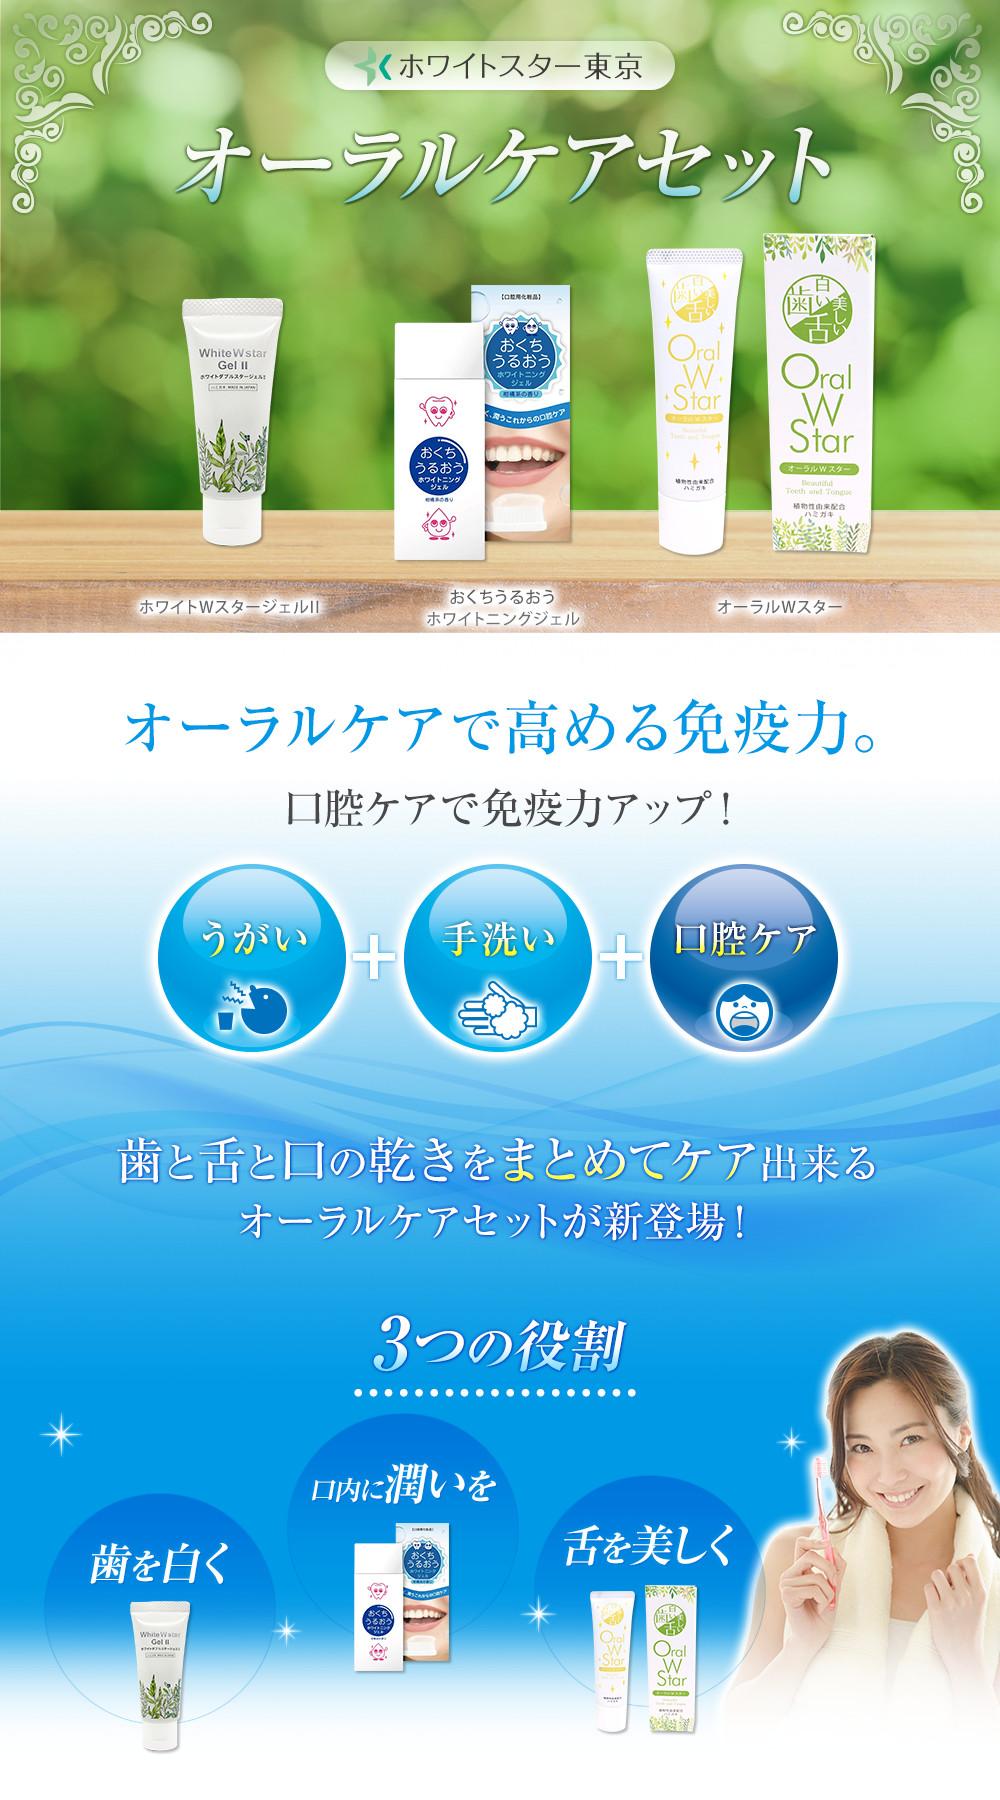 オーラルケアで高める免疫力。ホワイトスター東京 オーラルケアセット/歯と舌と口の乾きをまとめてケア出来るオーラルケアセットが新登場!